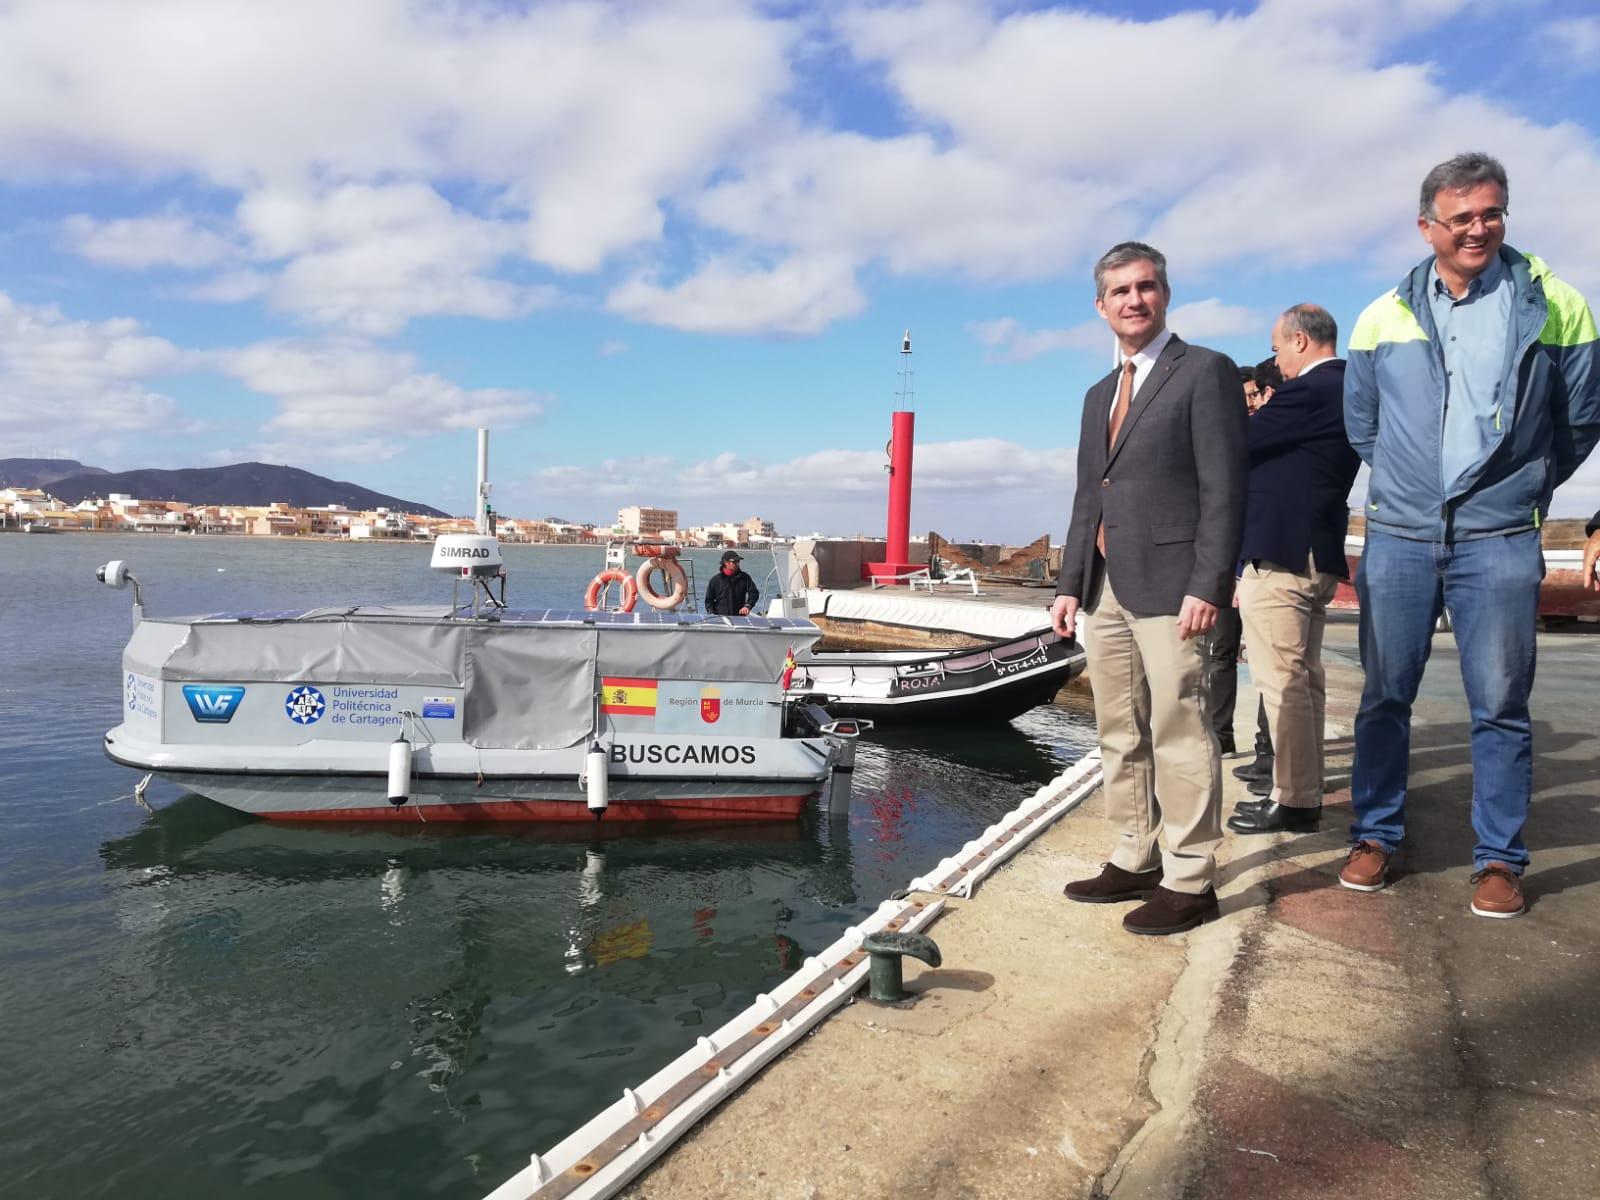 El consejero Miguel Ángel del Amor junto al dron de superficie marina. Imagen: CARM